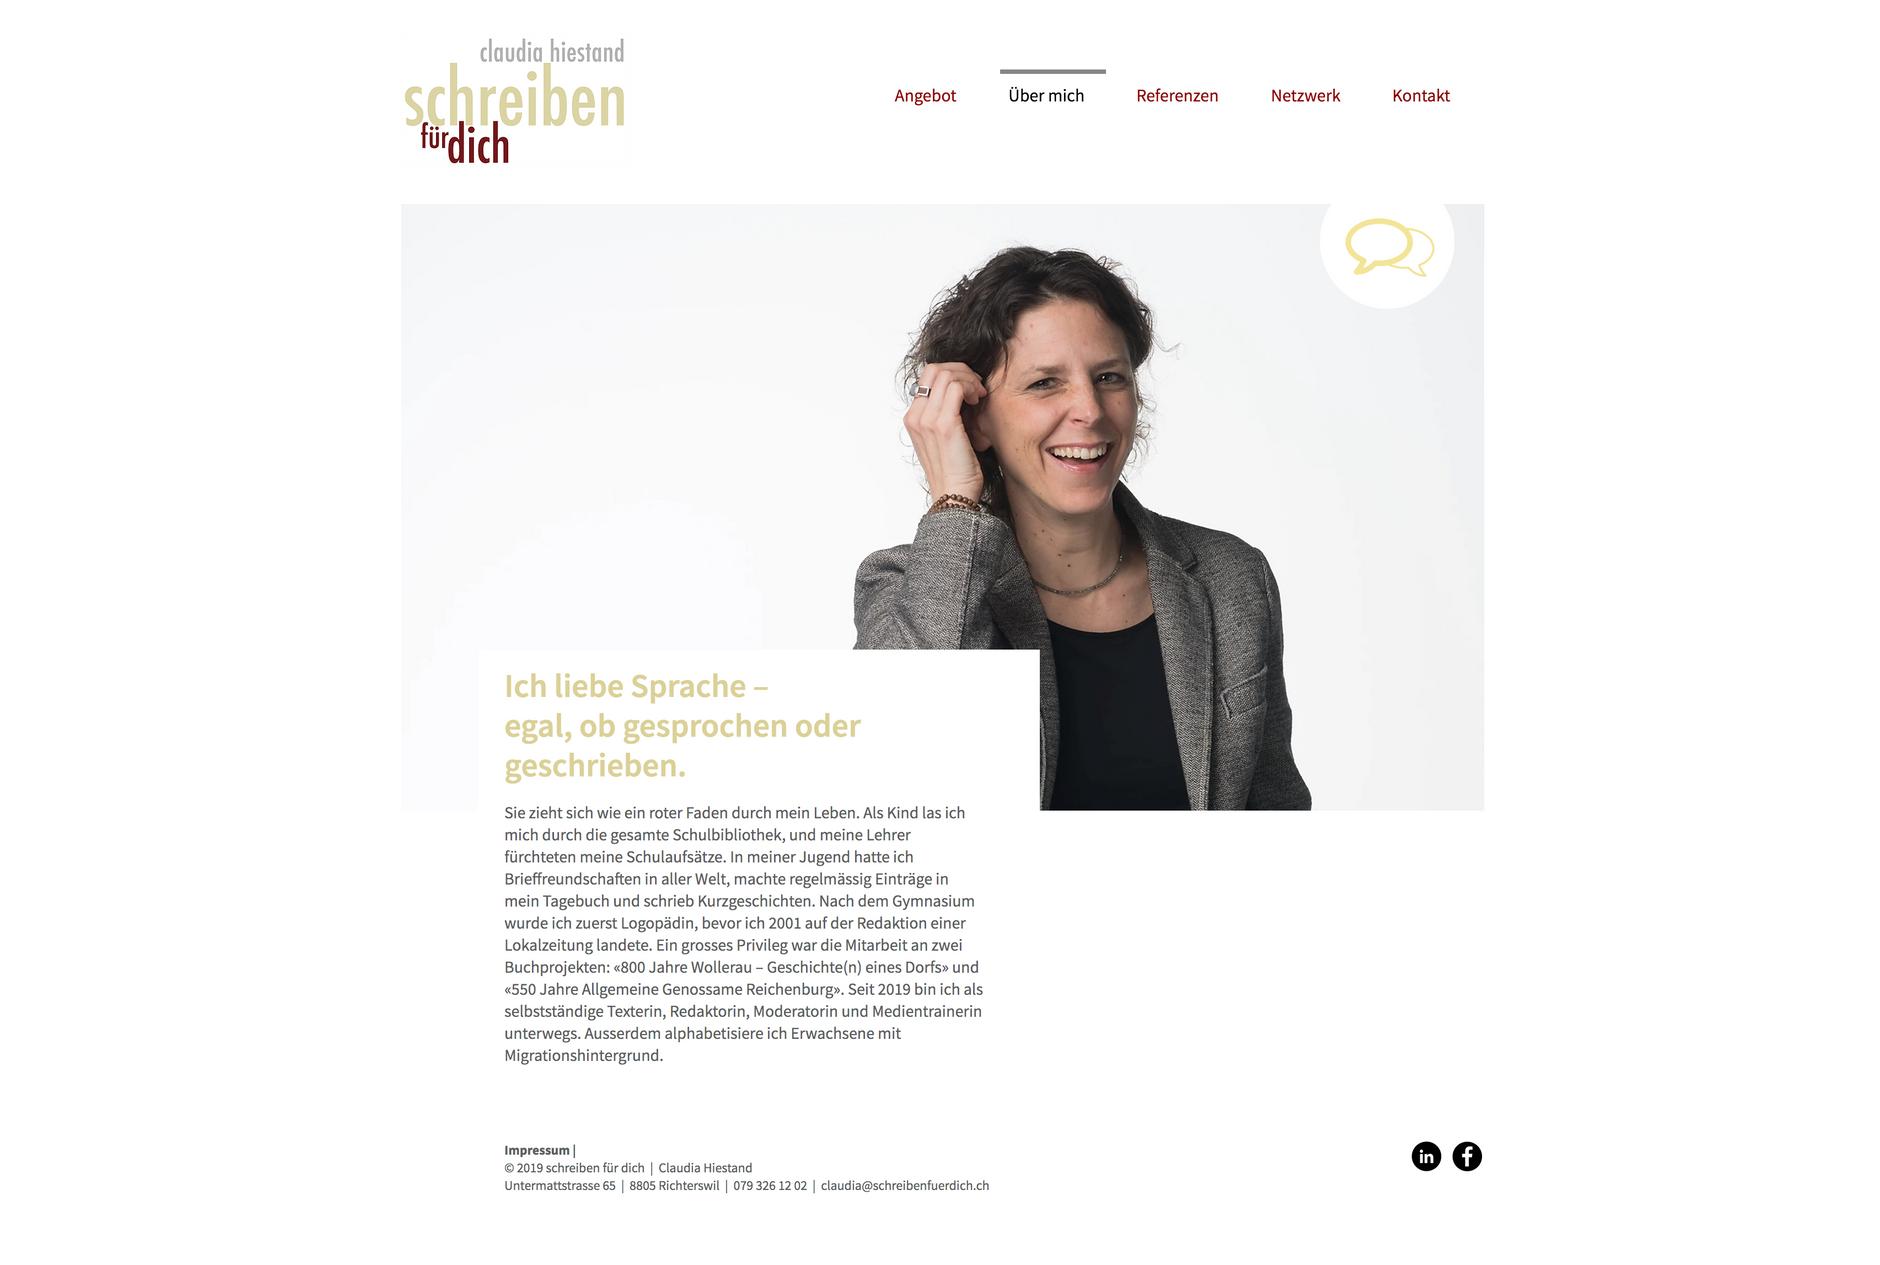 www.schreibenfuerdich.ch